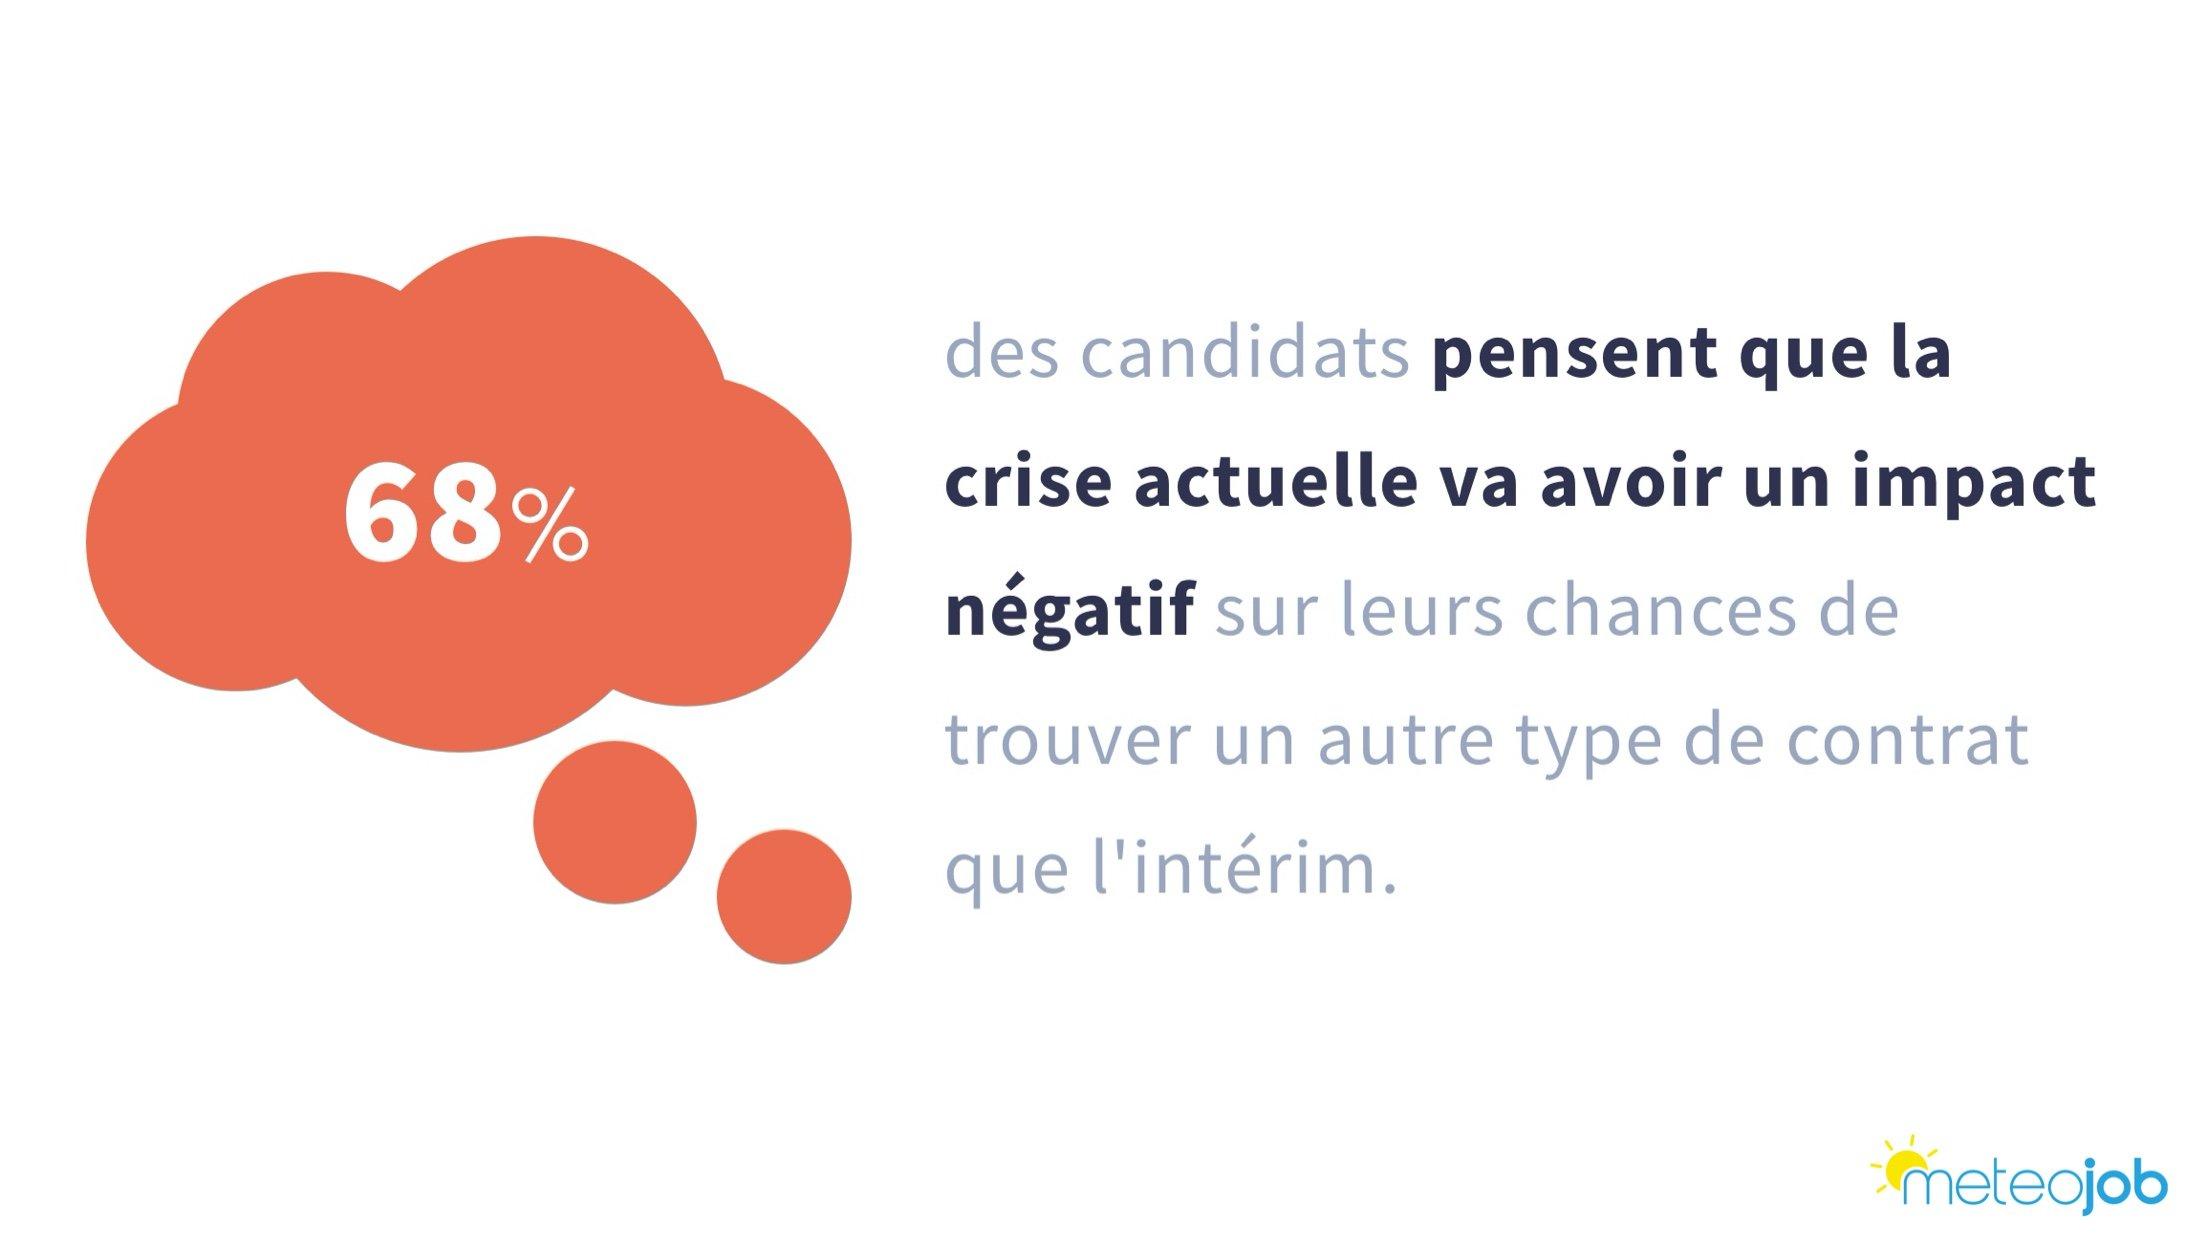 68% des candidats pensent que la crise sanitaire va avoir un impact négatif sur leur chances de trouver un autre poste